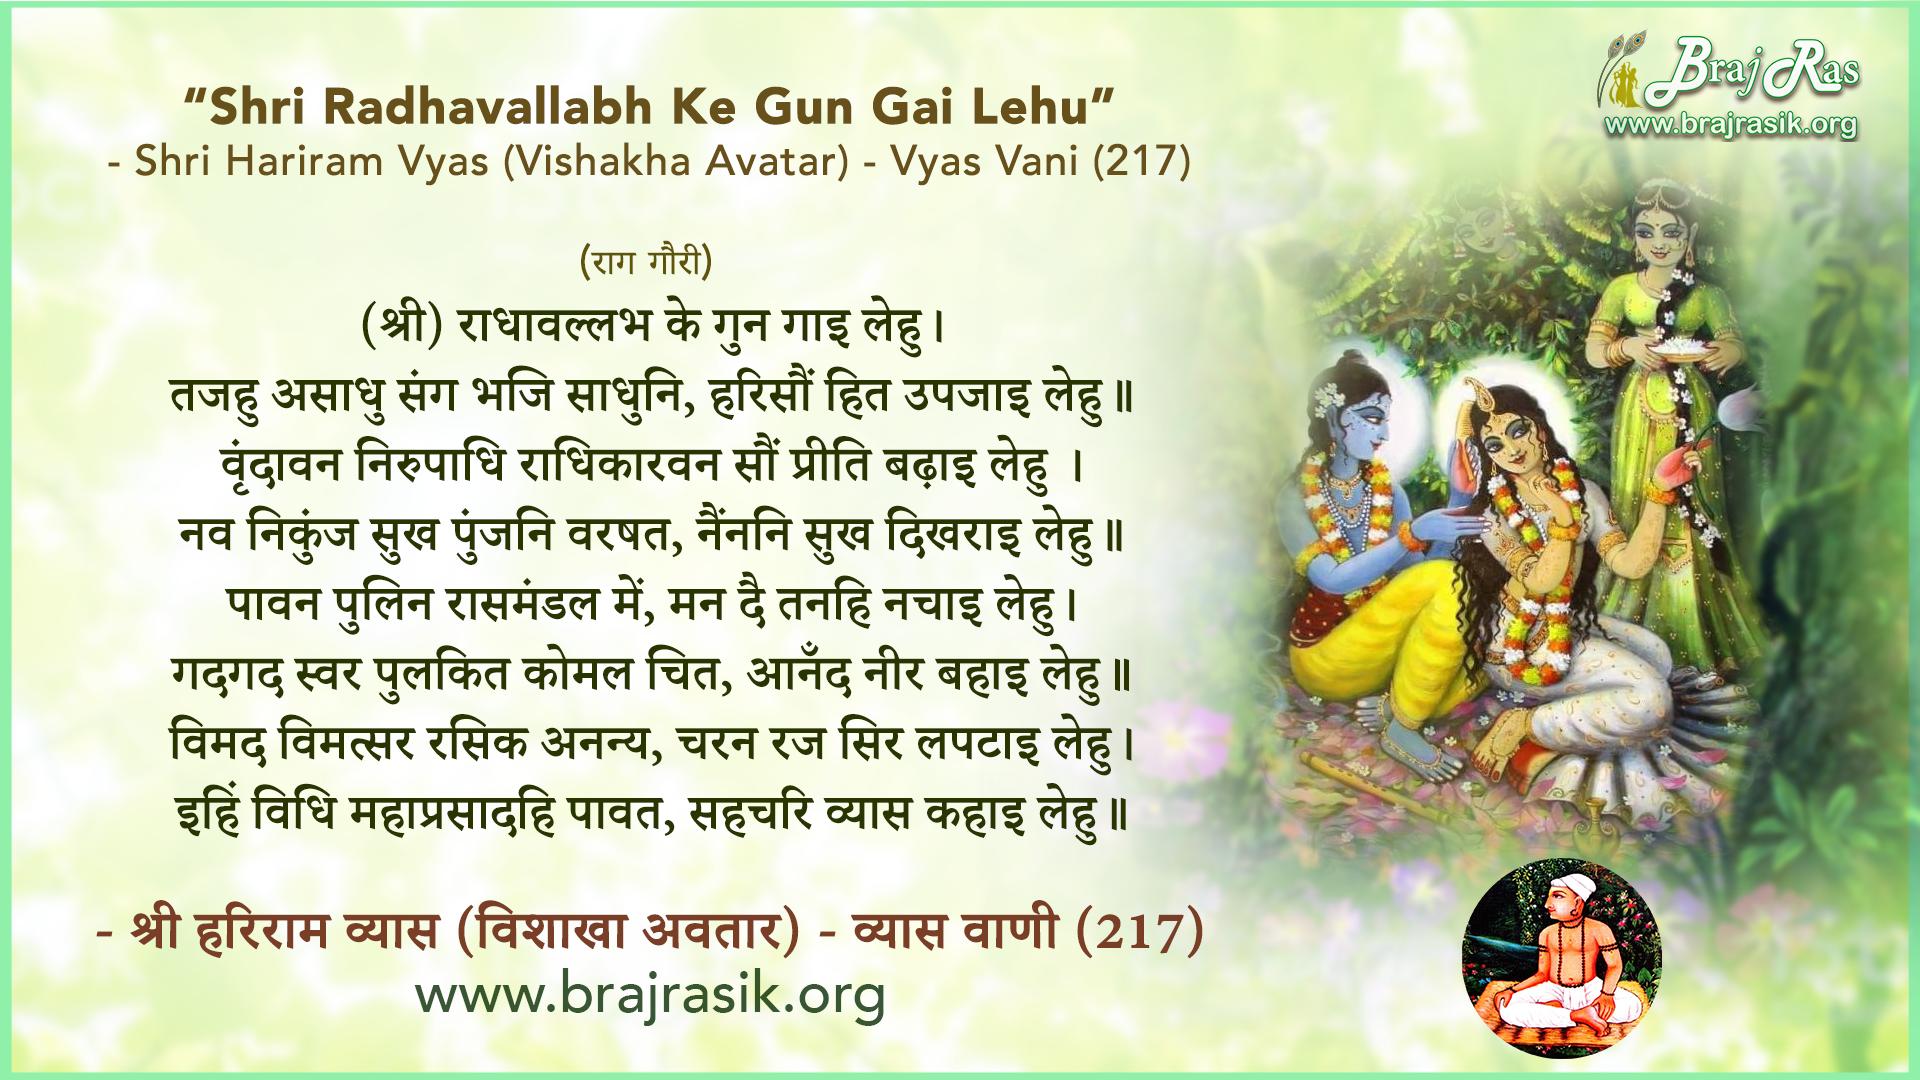 Shri Radhavallabh Ke Gun Gai Lehu - Shri Hariram Vyas (Vishakha Avatar) - Vyas Vani (217)